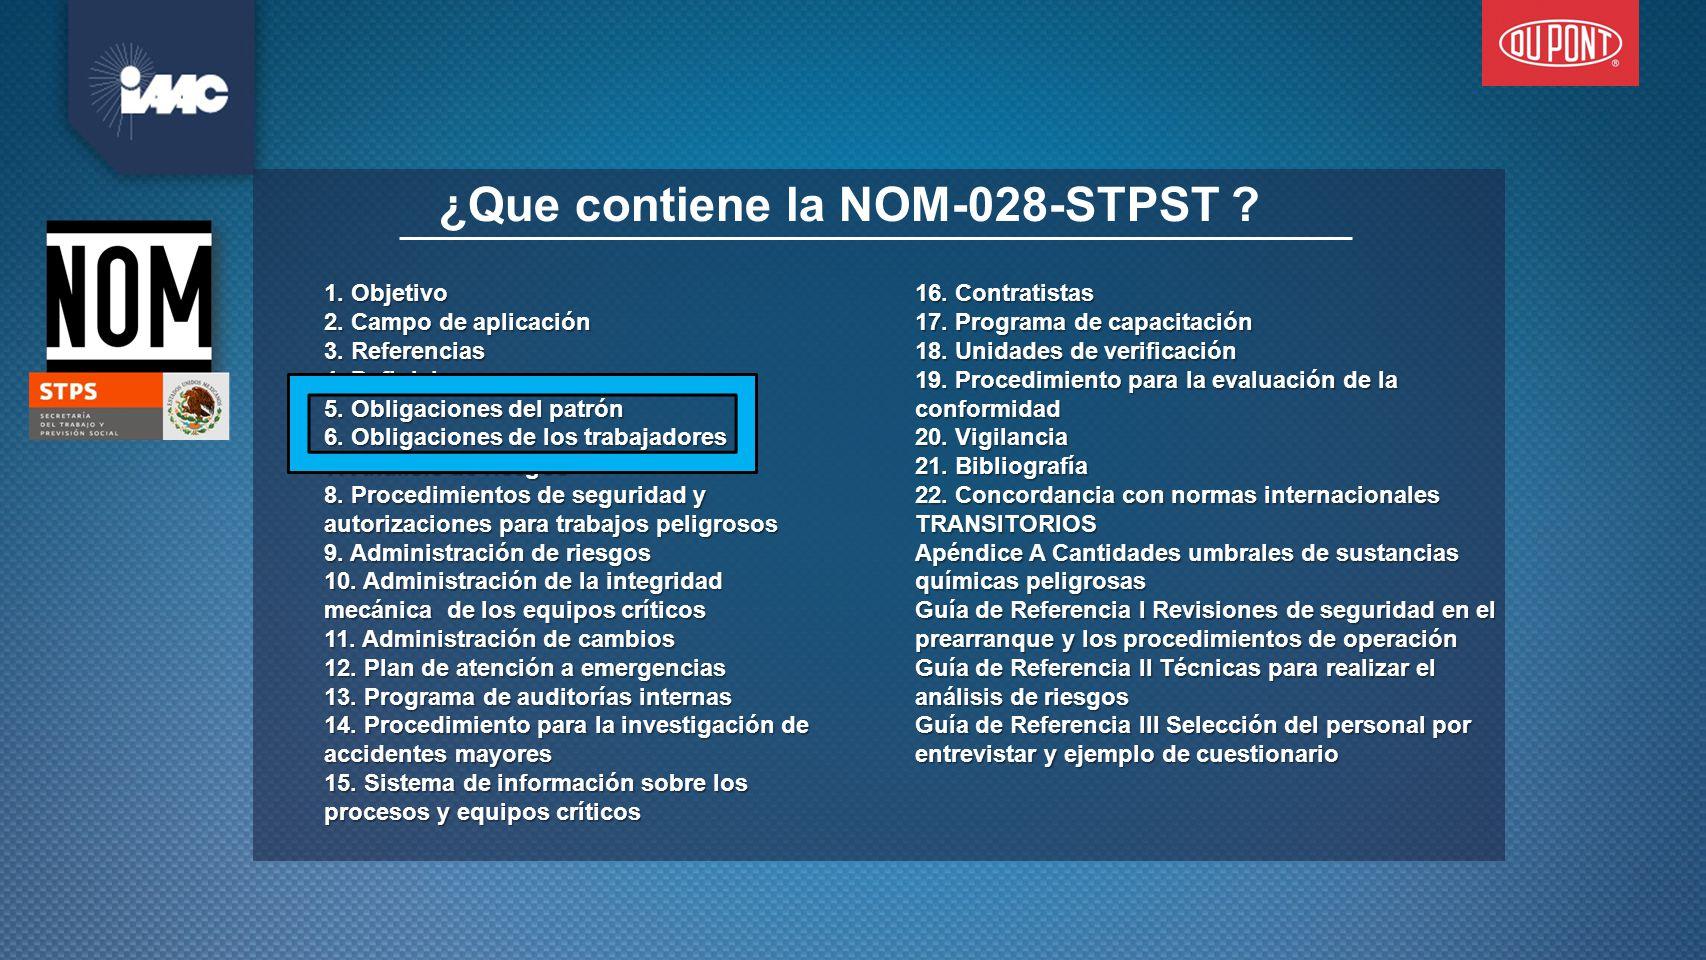 ¿Que contiene la NOM-028-STPST